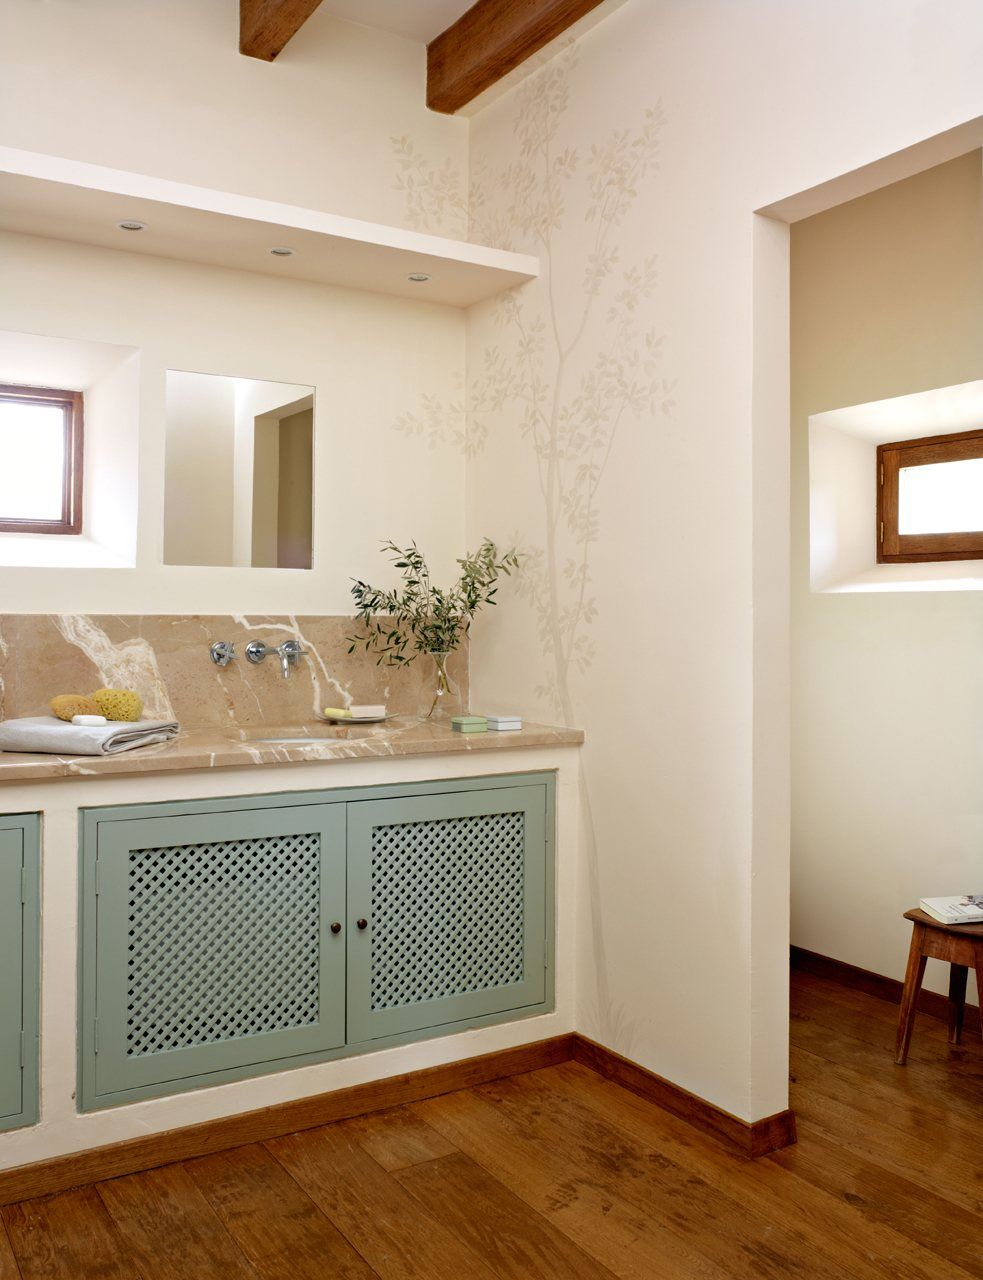 Muebles De Cocina Hechos De Obra   Bano Con Mueble De Obra Bano En Blanco Y Verde Banyo Gelosia